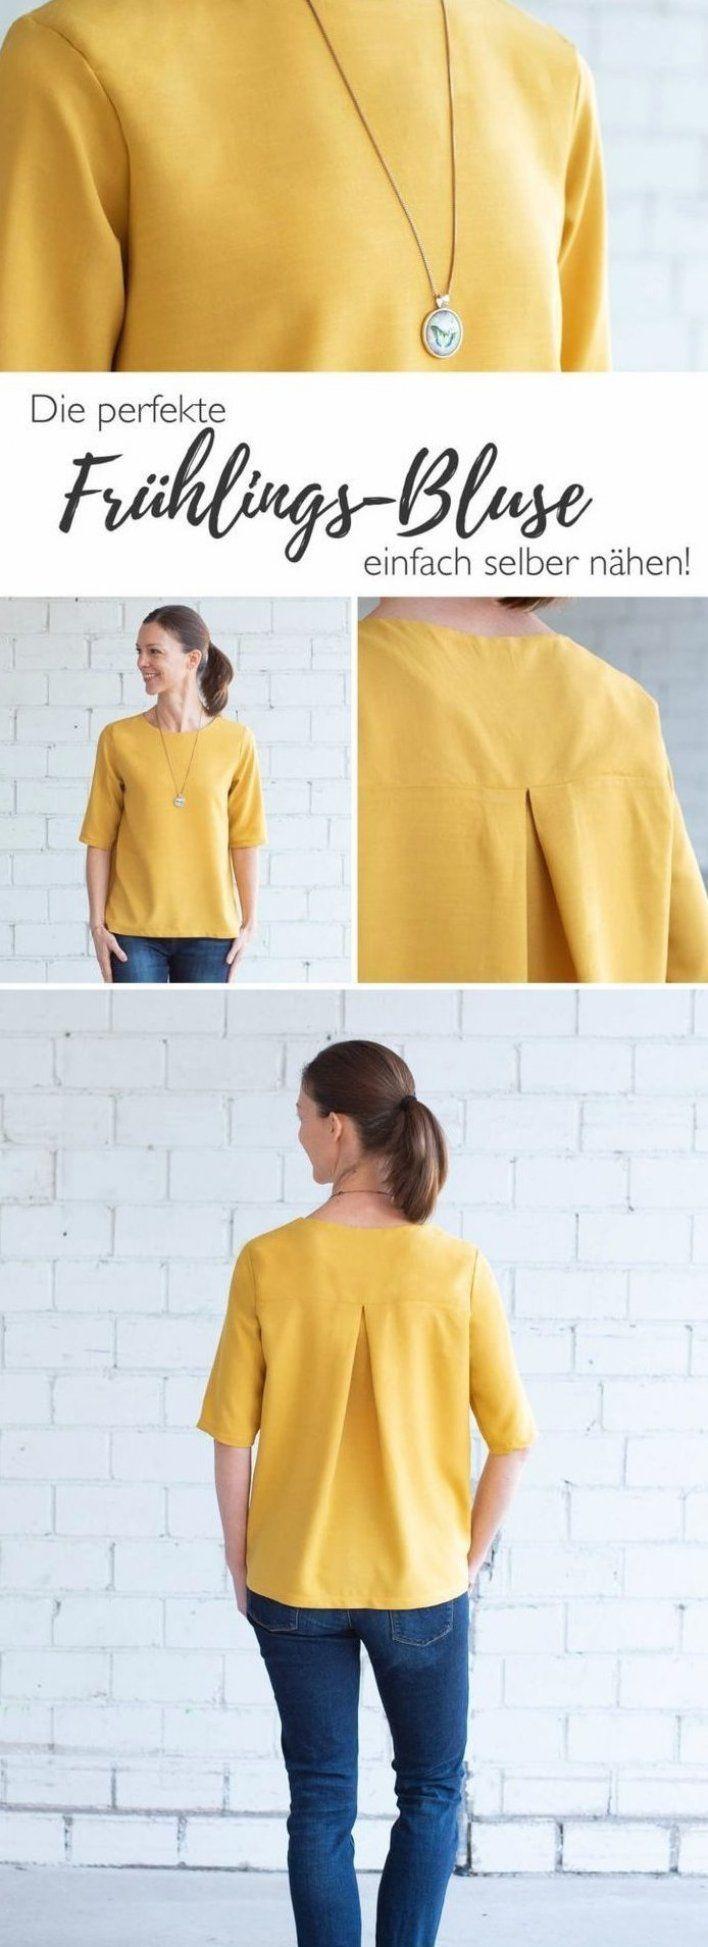 Die perfekte Fr hlings-Bluse einfach selber n hen Weitere ...